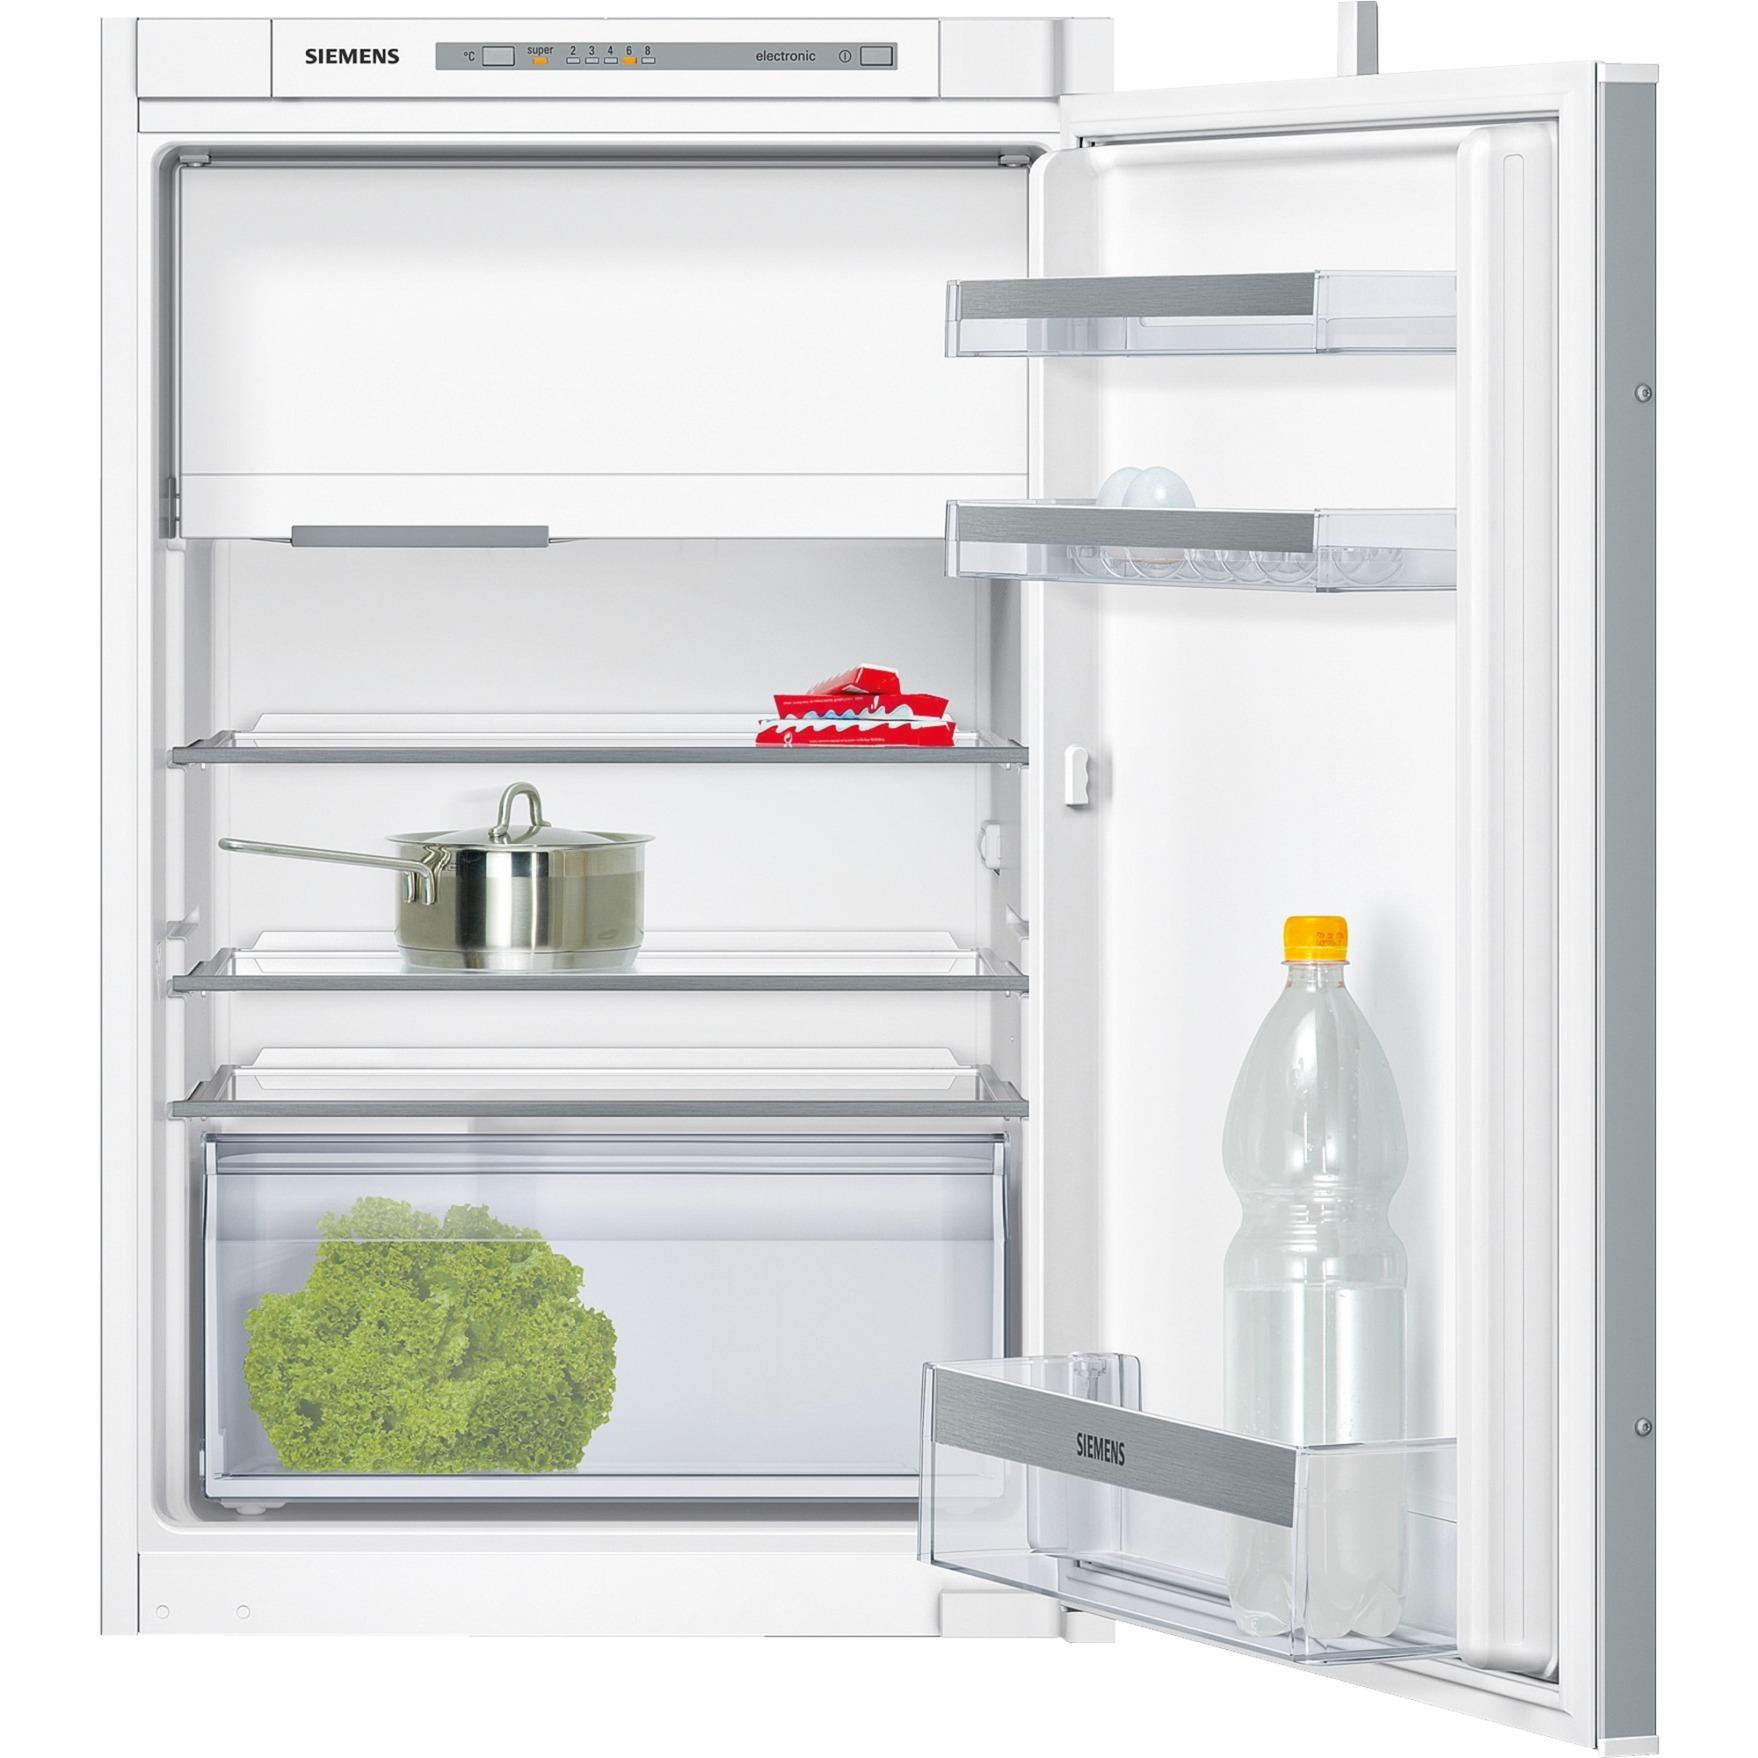 Siemens KI22LVS30, Kühlschrank weiß